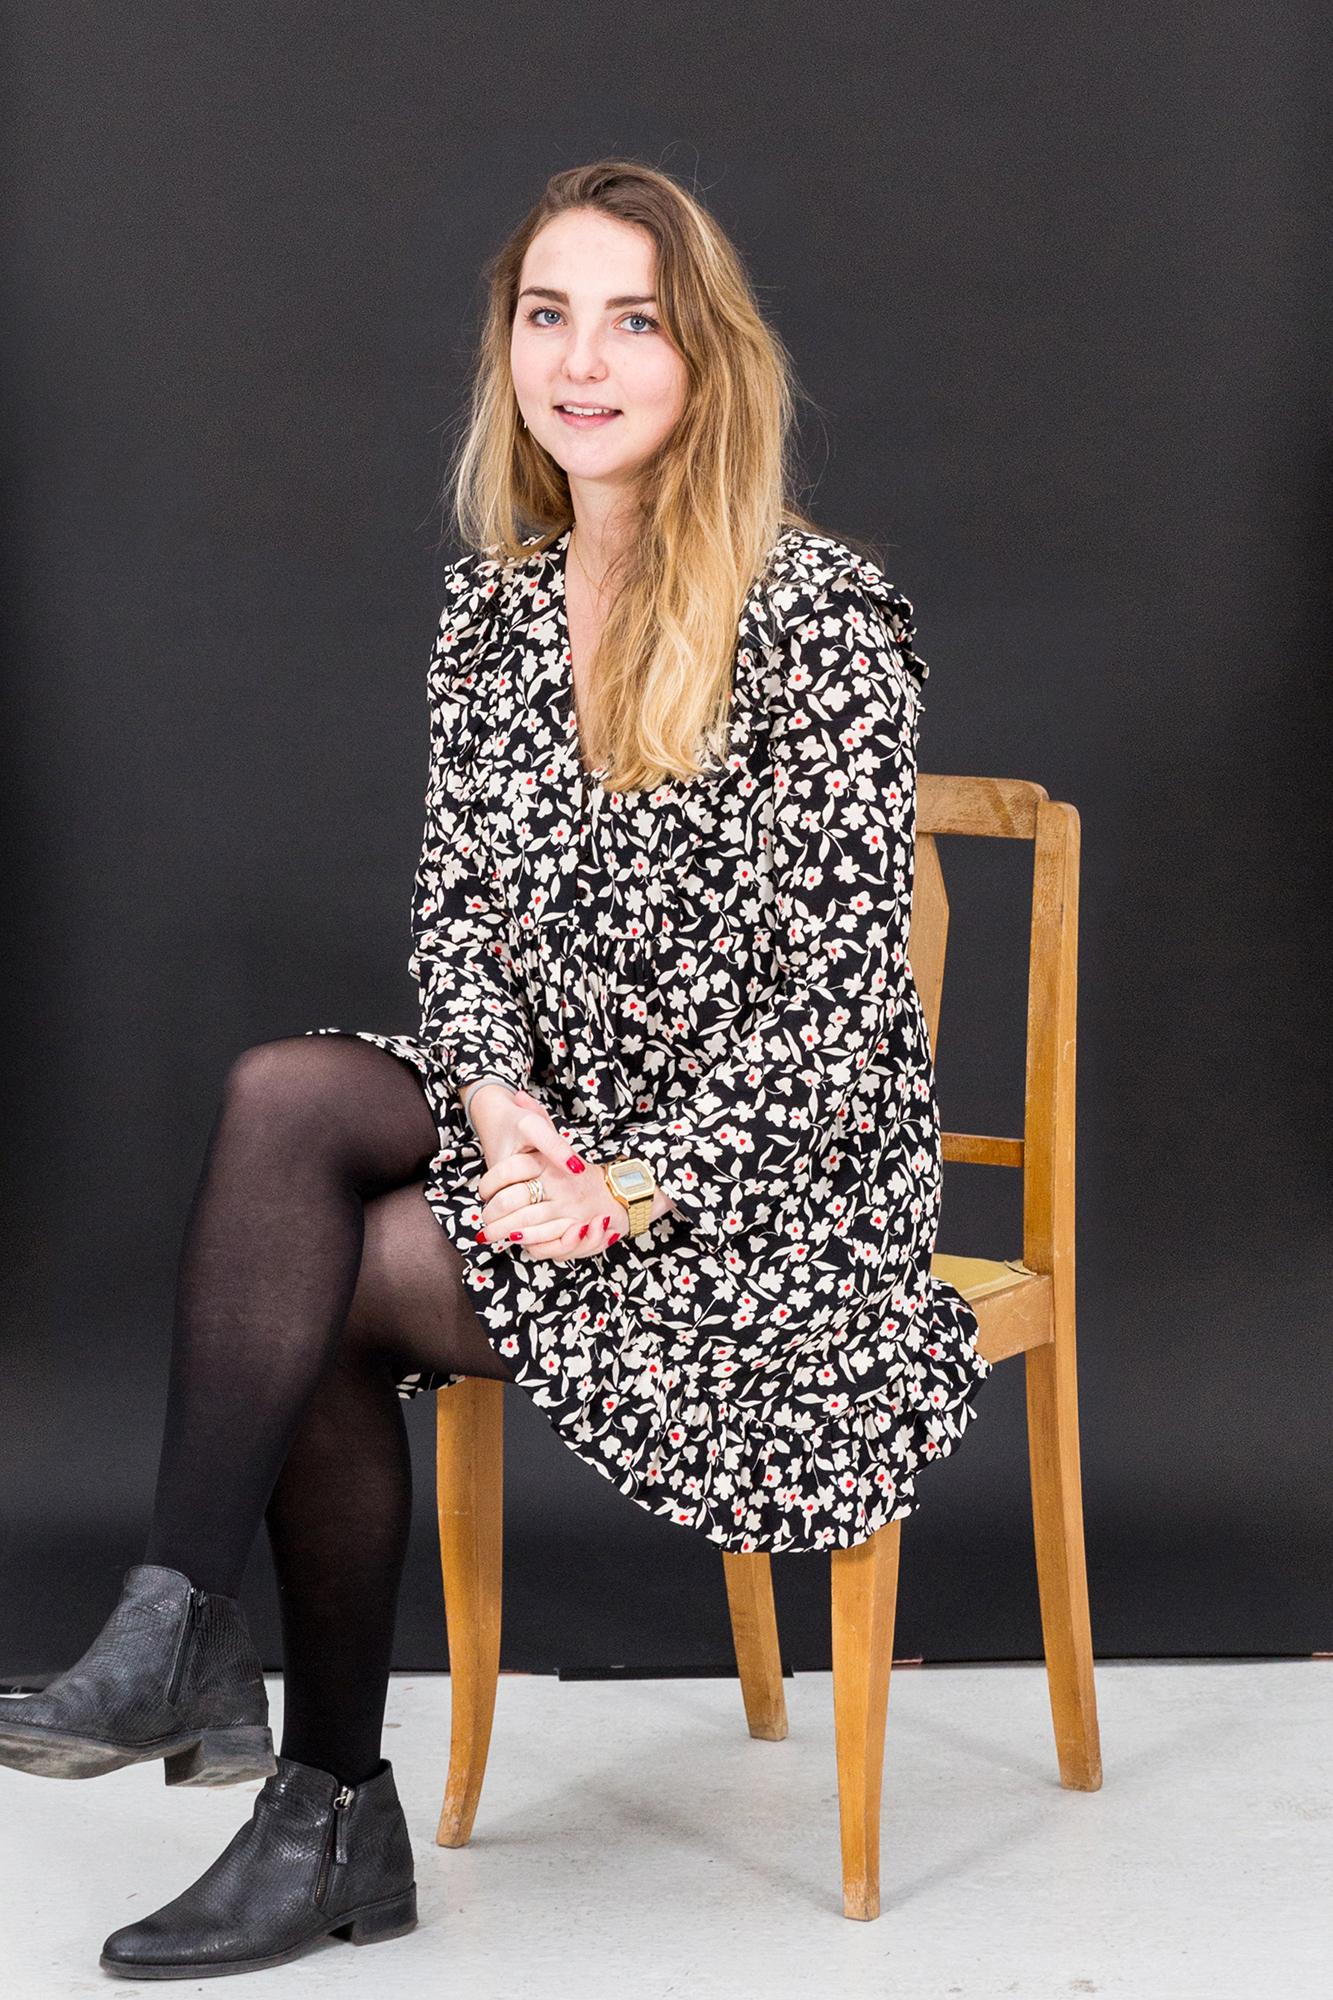 Portrait d'une collaboratrice sur un fond noir assis sur une chaise